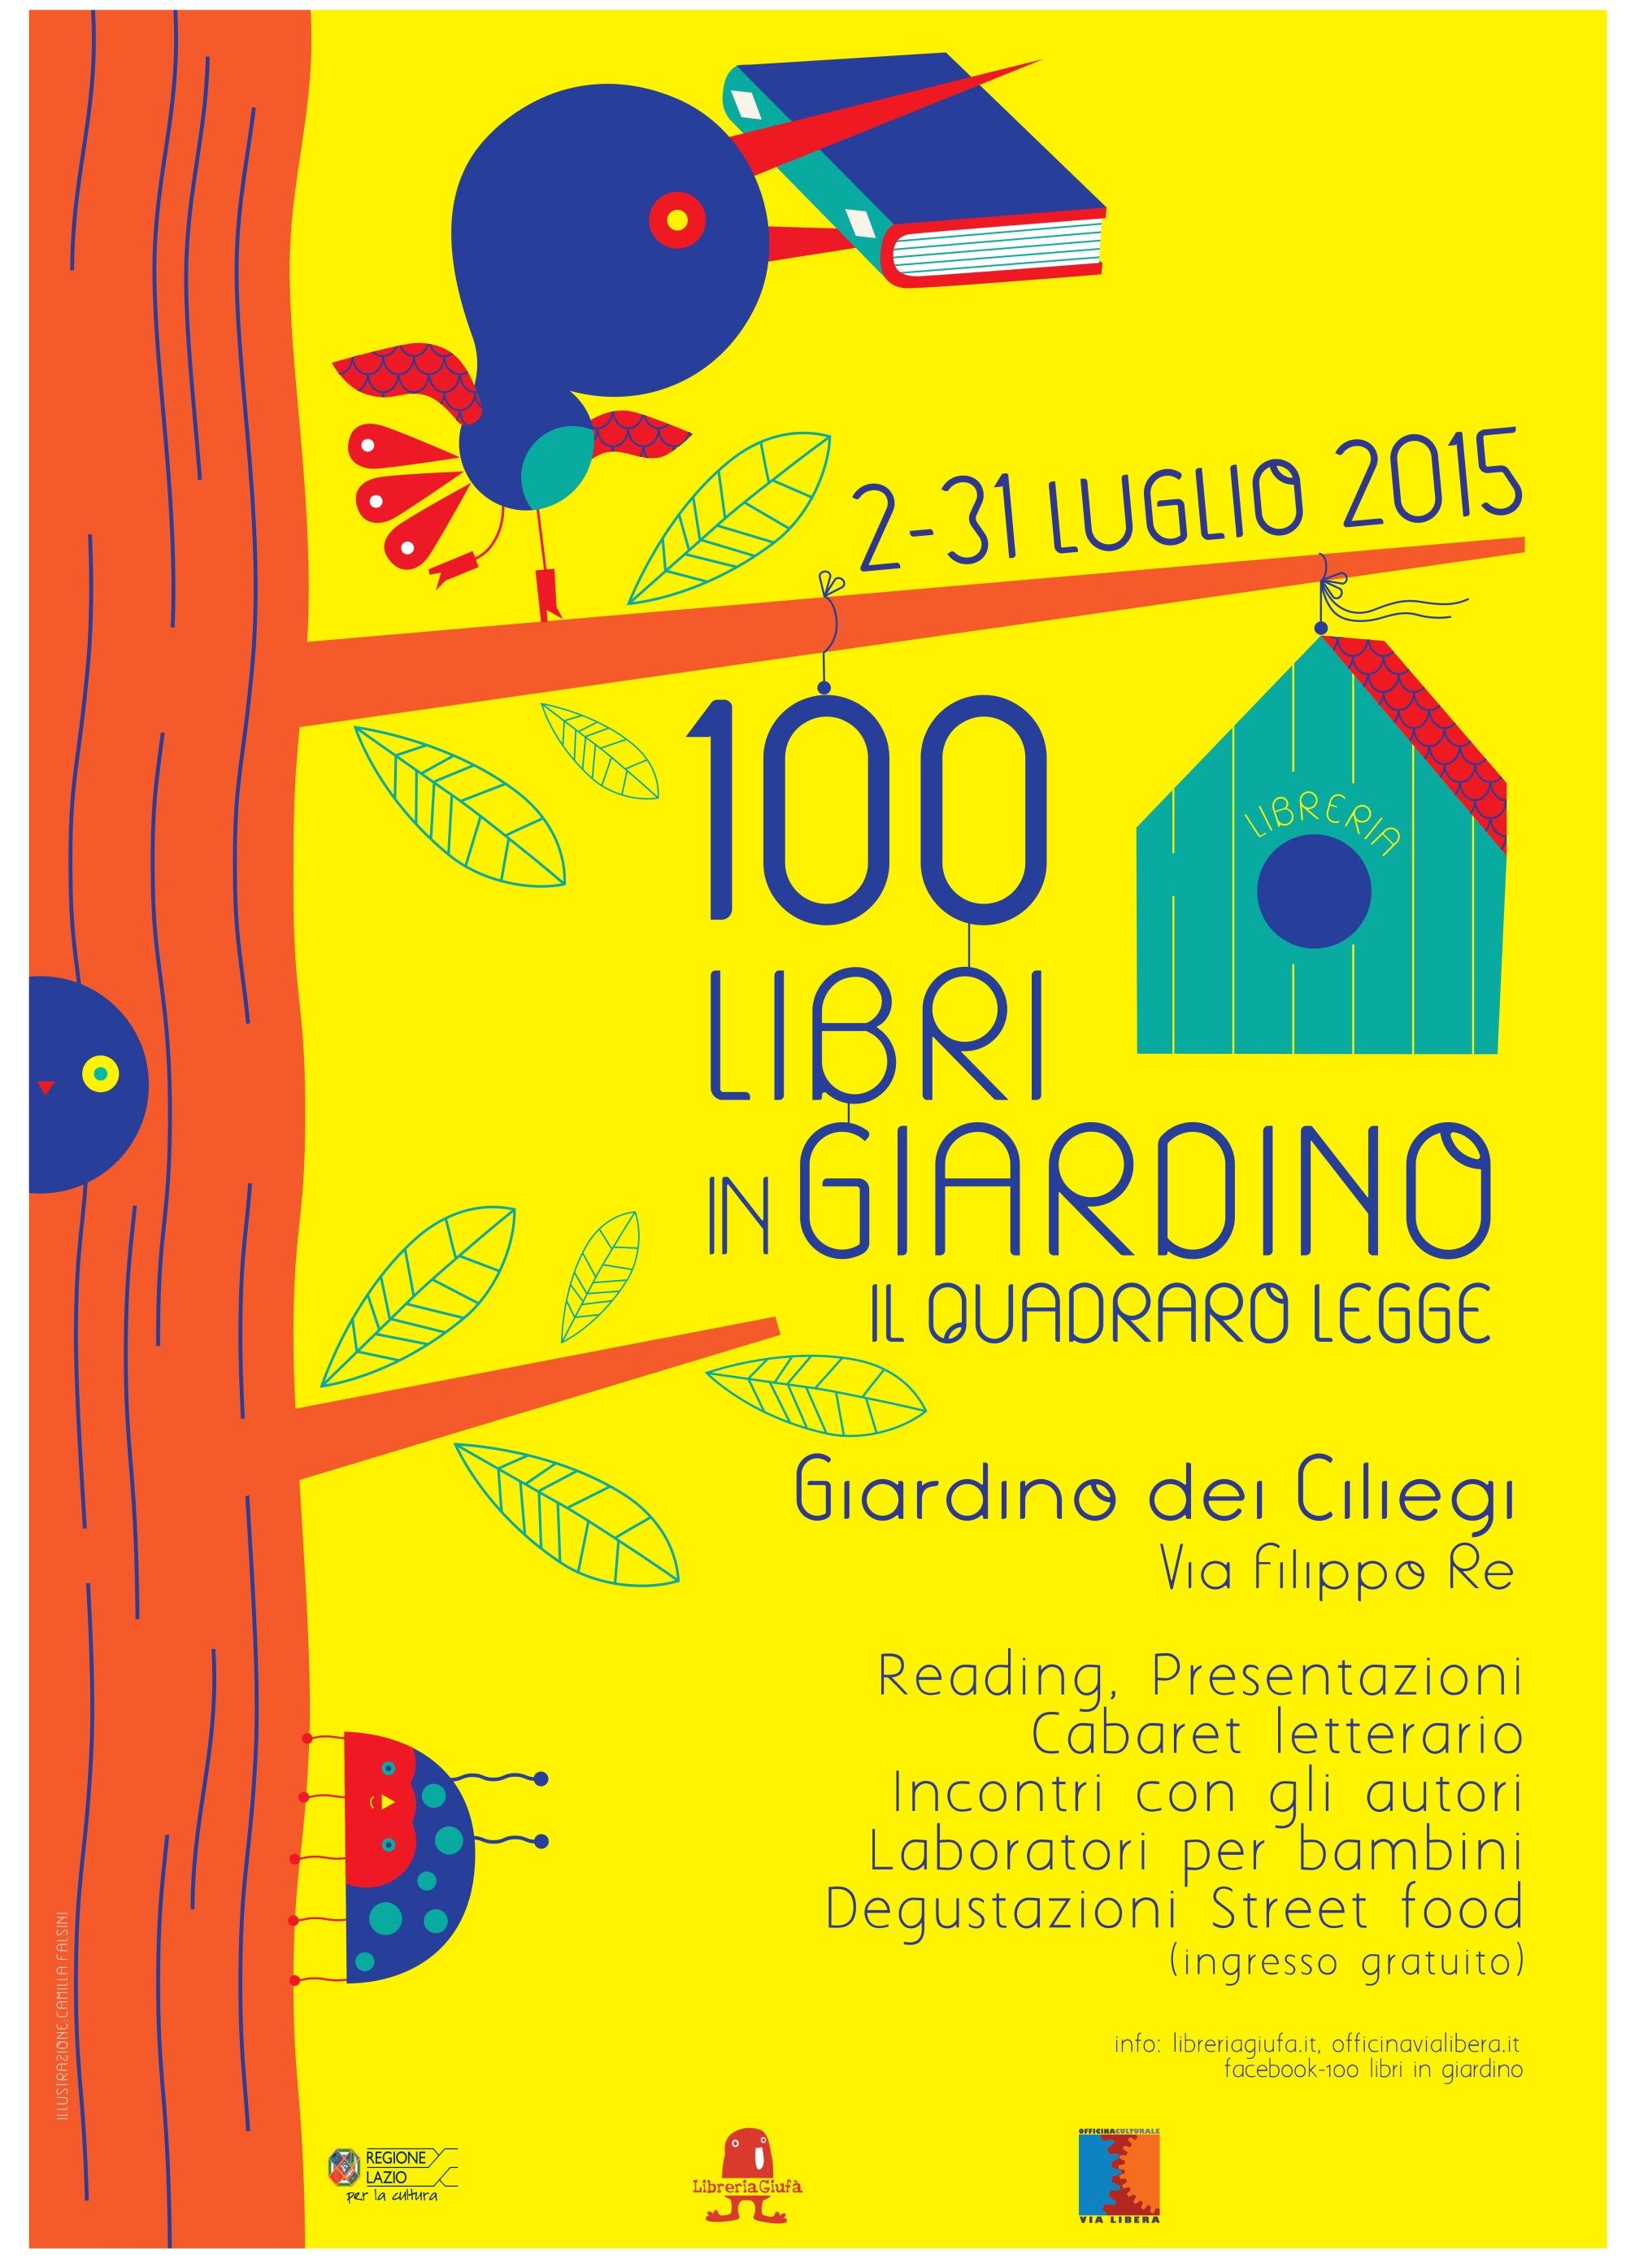 100 libri in giardino il quadraro legge officina for Il giardino dei libri